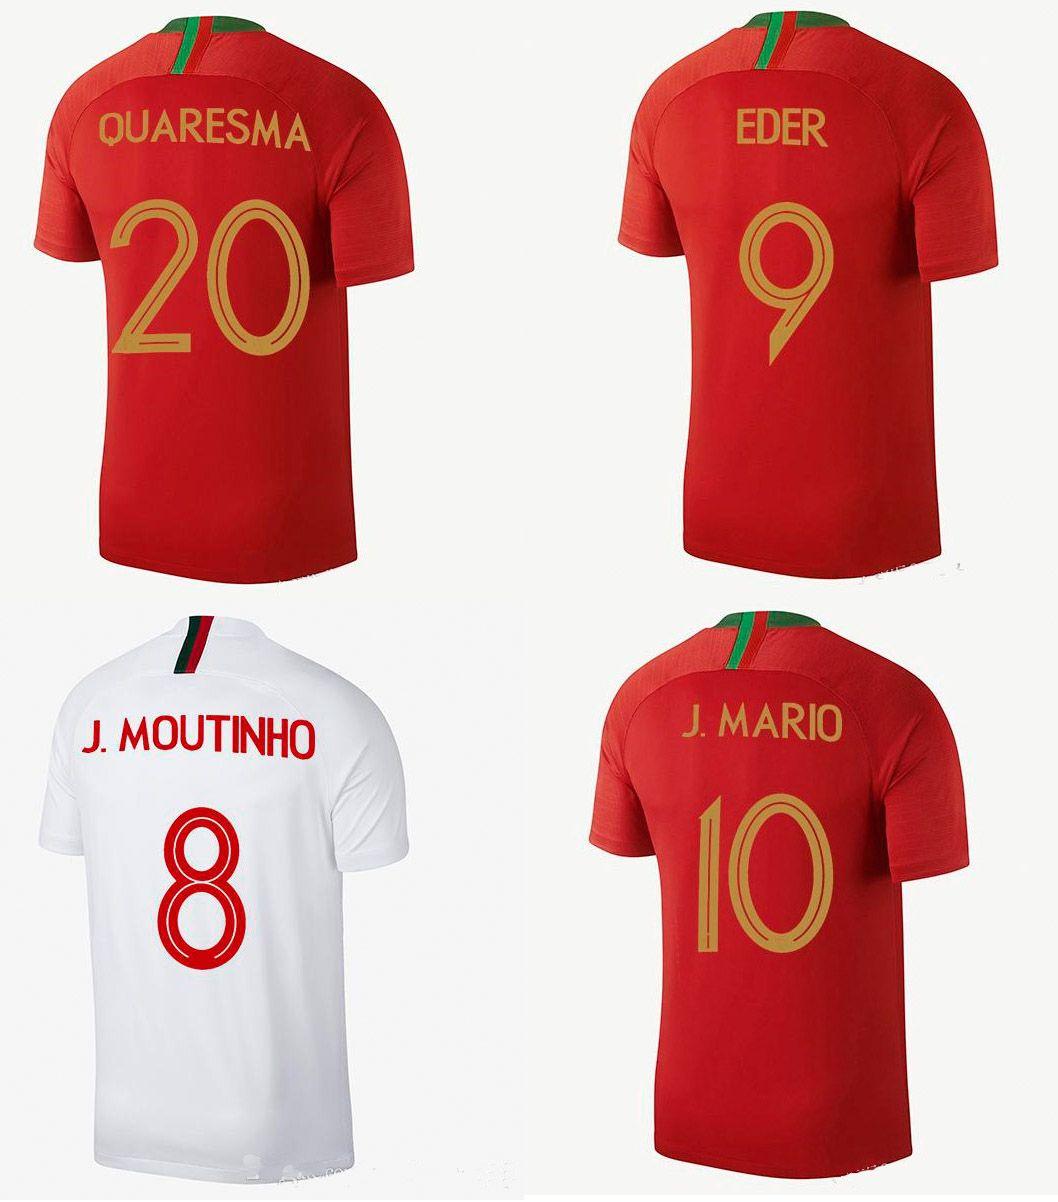 Compre New Nation Team Camisola De Futebol 2018 Copa Do Mundo MARIO  QUARESMA Camisas De Futebol MOUTINHO Away White Camiseta De Futbol EDER  Maillot De Foot ... d6a6e3e478001